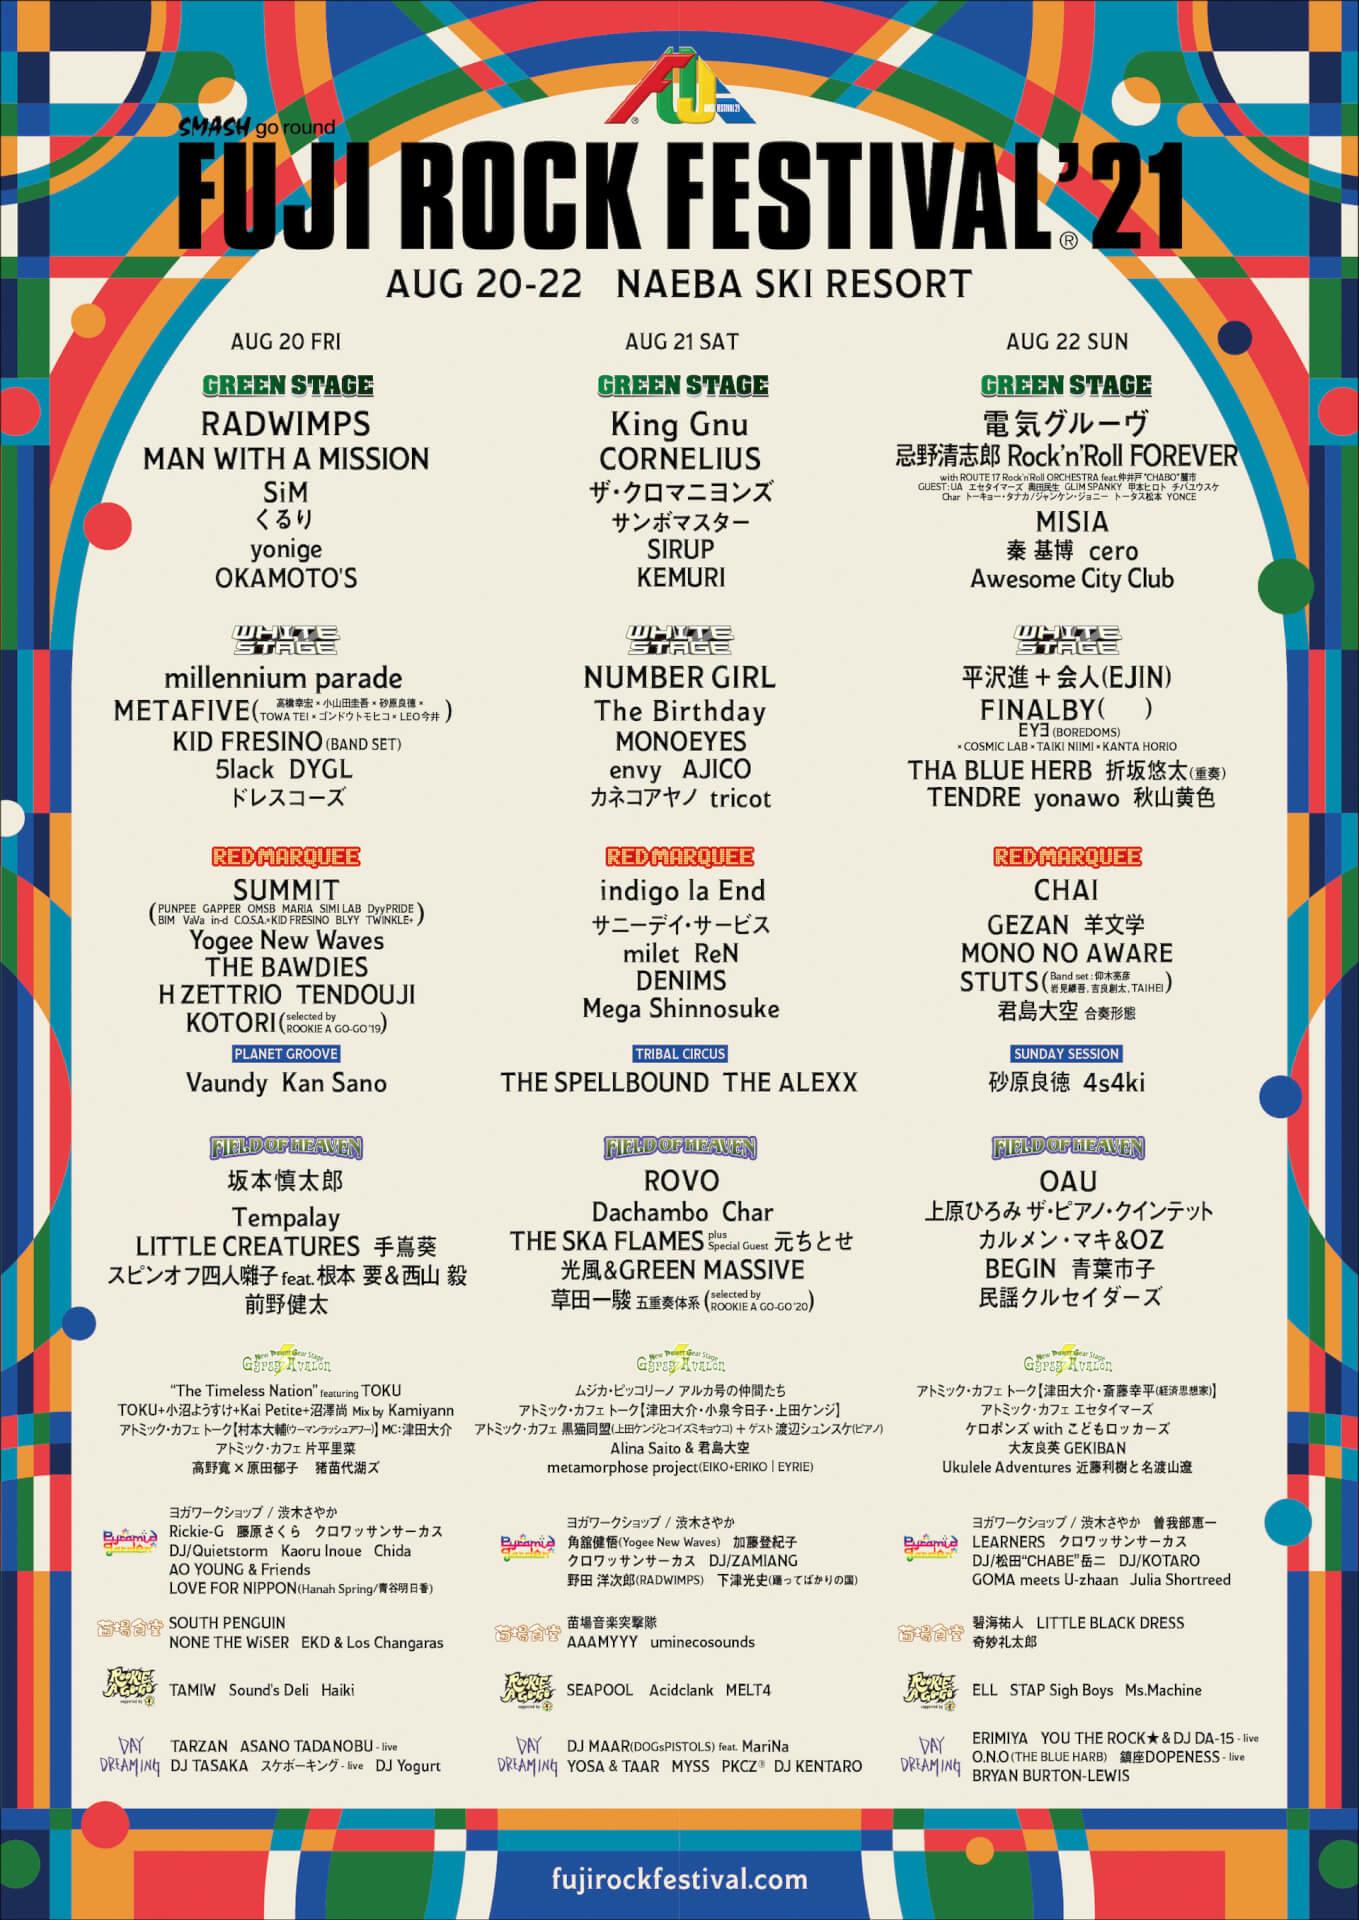 <フジロック'21>にMISIAが登場!Gypsy Avalon、ROOKIE A GO-GOほか全9ステージ、146組のアーティスト&タイムテーブルが解禁 music210716_fujirockfestival21_2